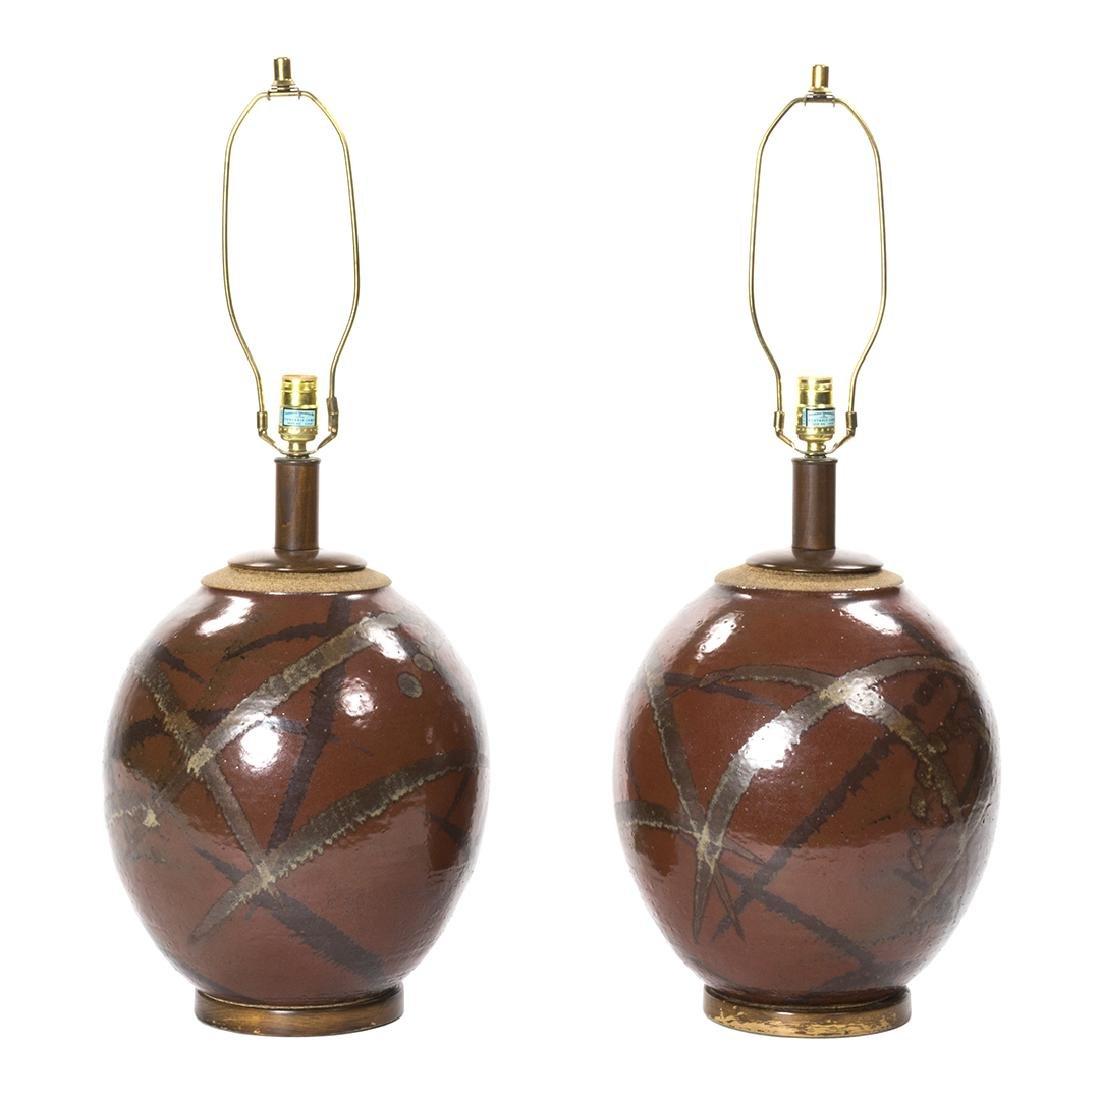 Brent Bennett Stoneware Lamps (2)